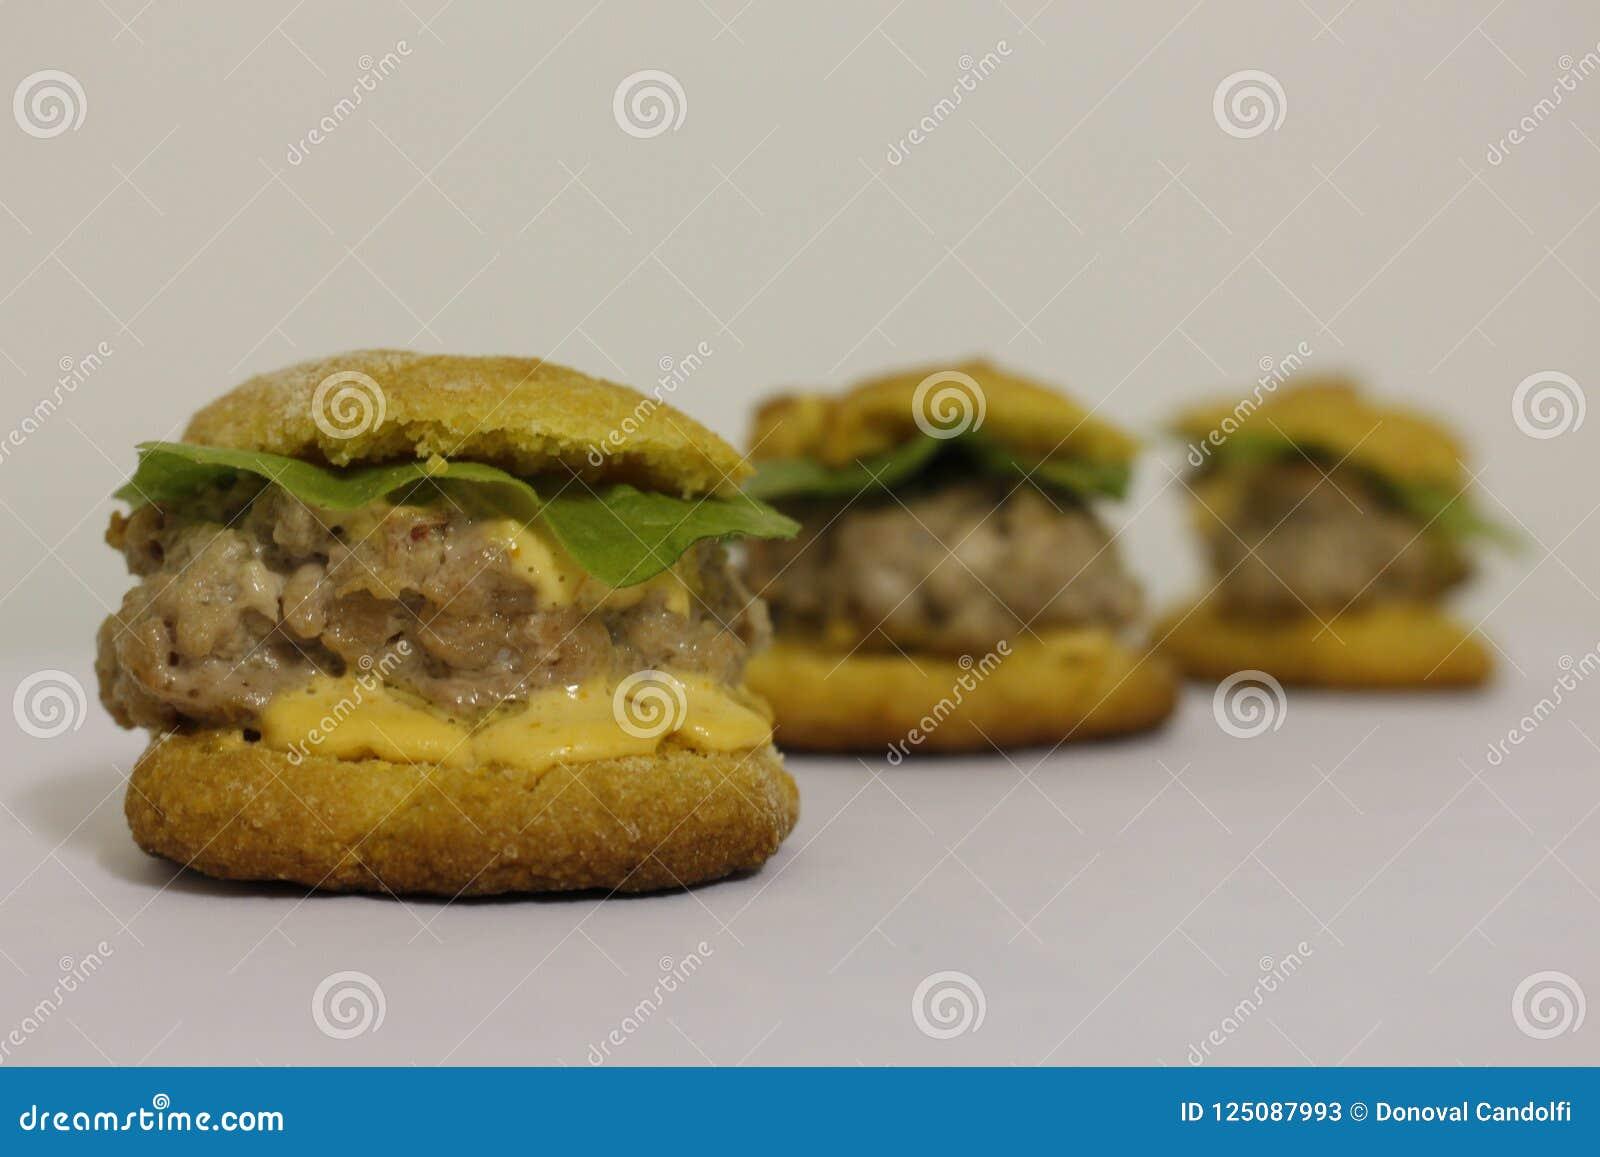 Hamburger de Fingerfood avec maionese